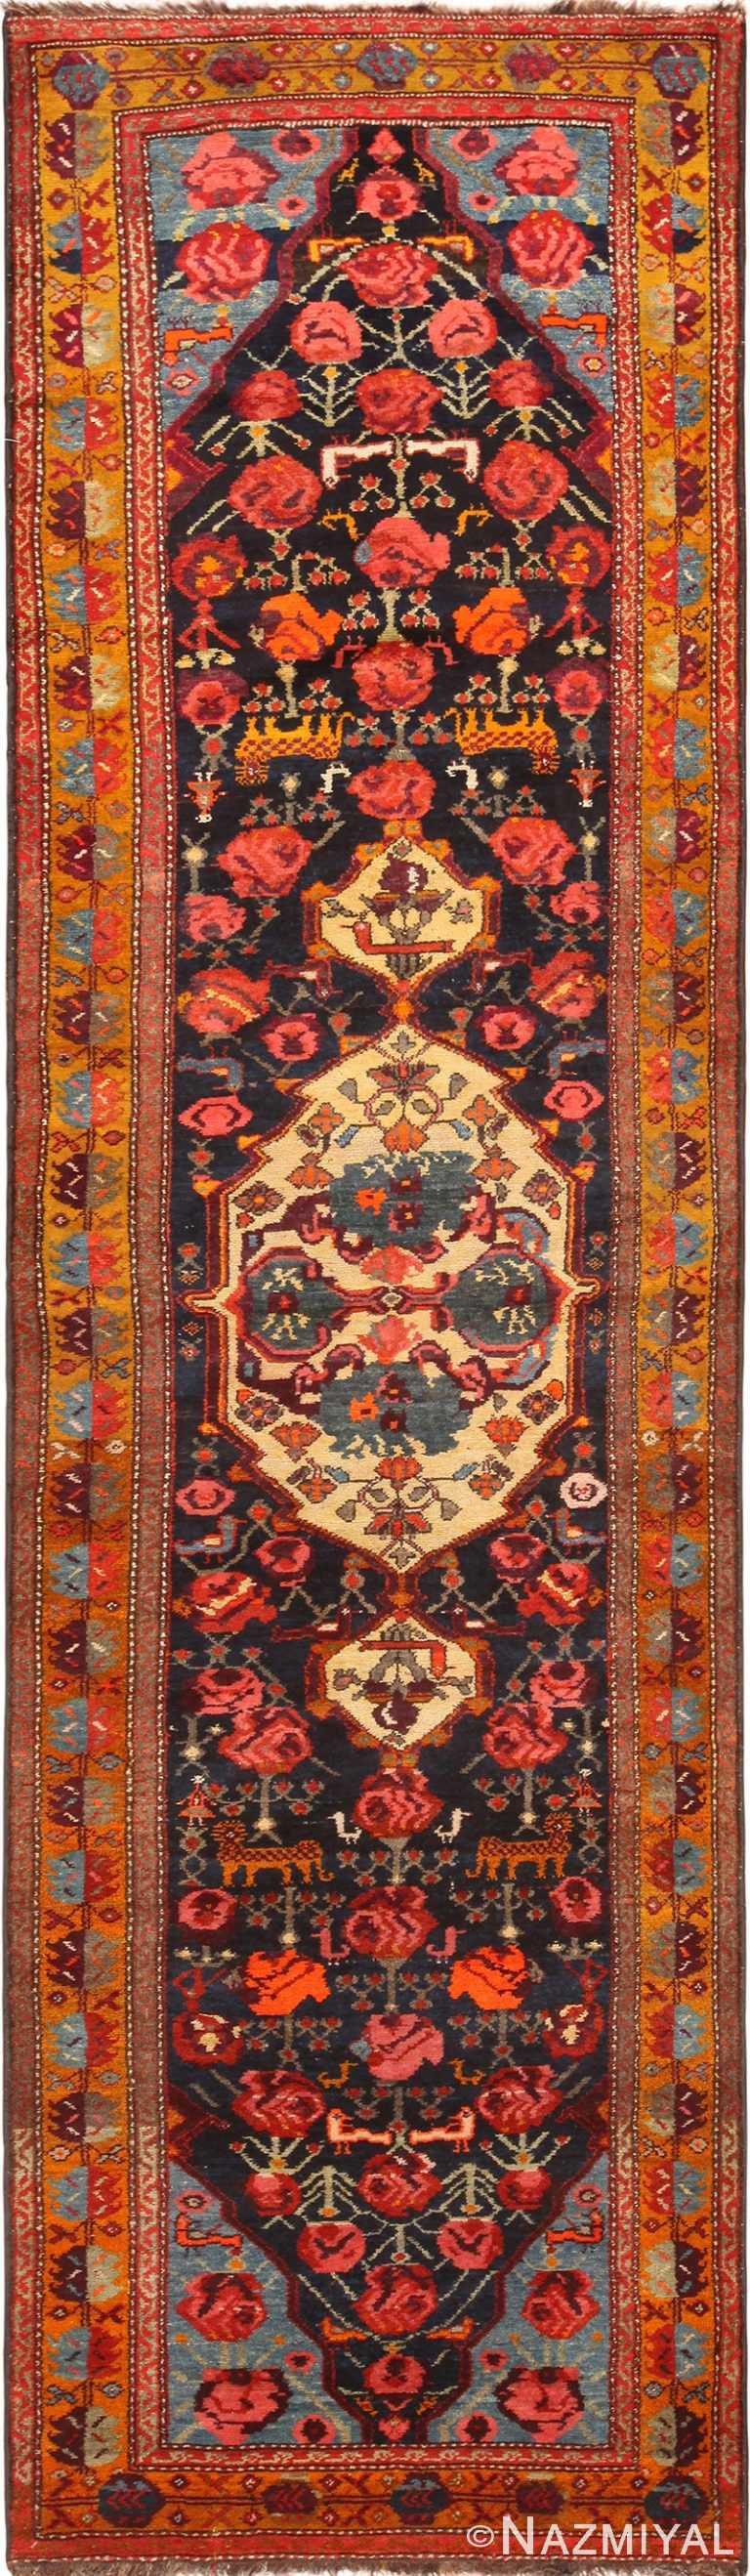 Gorgeous Animal Design Antique Persian Kurdish Runner 71130 by Nazmiyal Antique Rugs